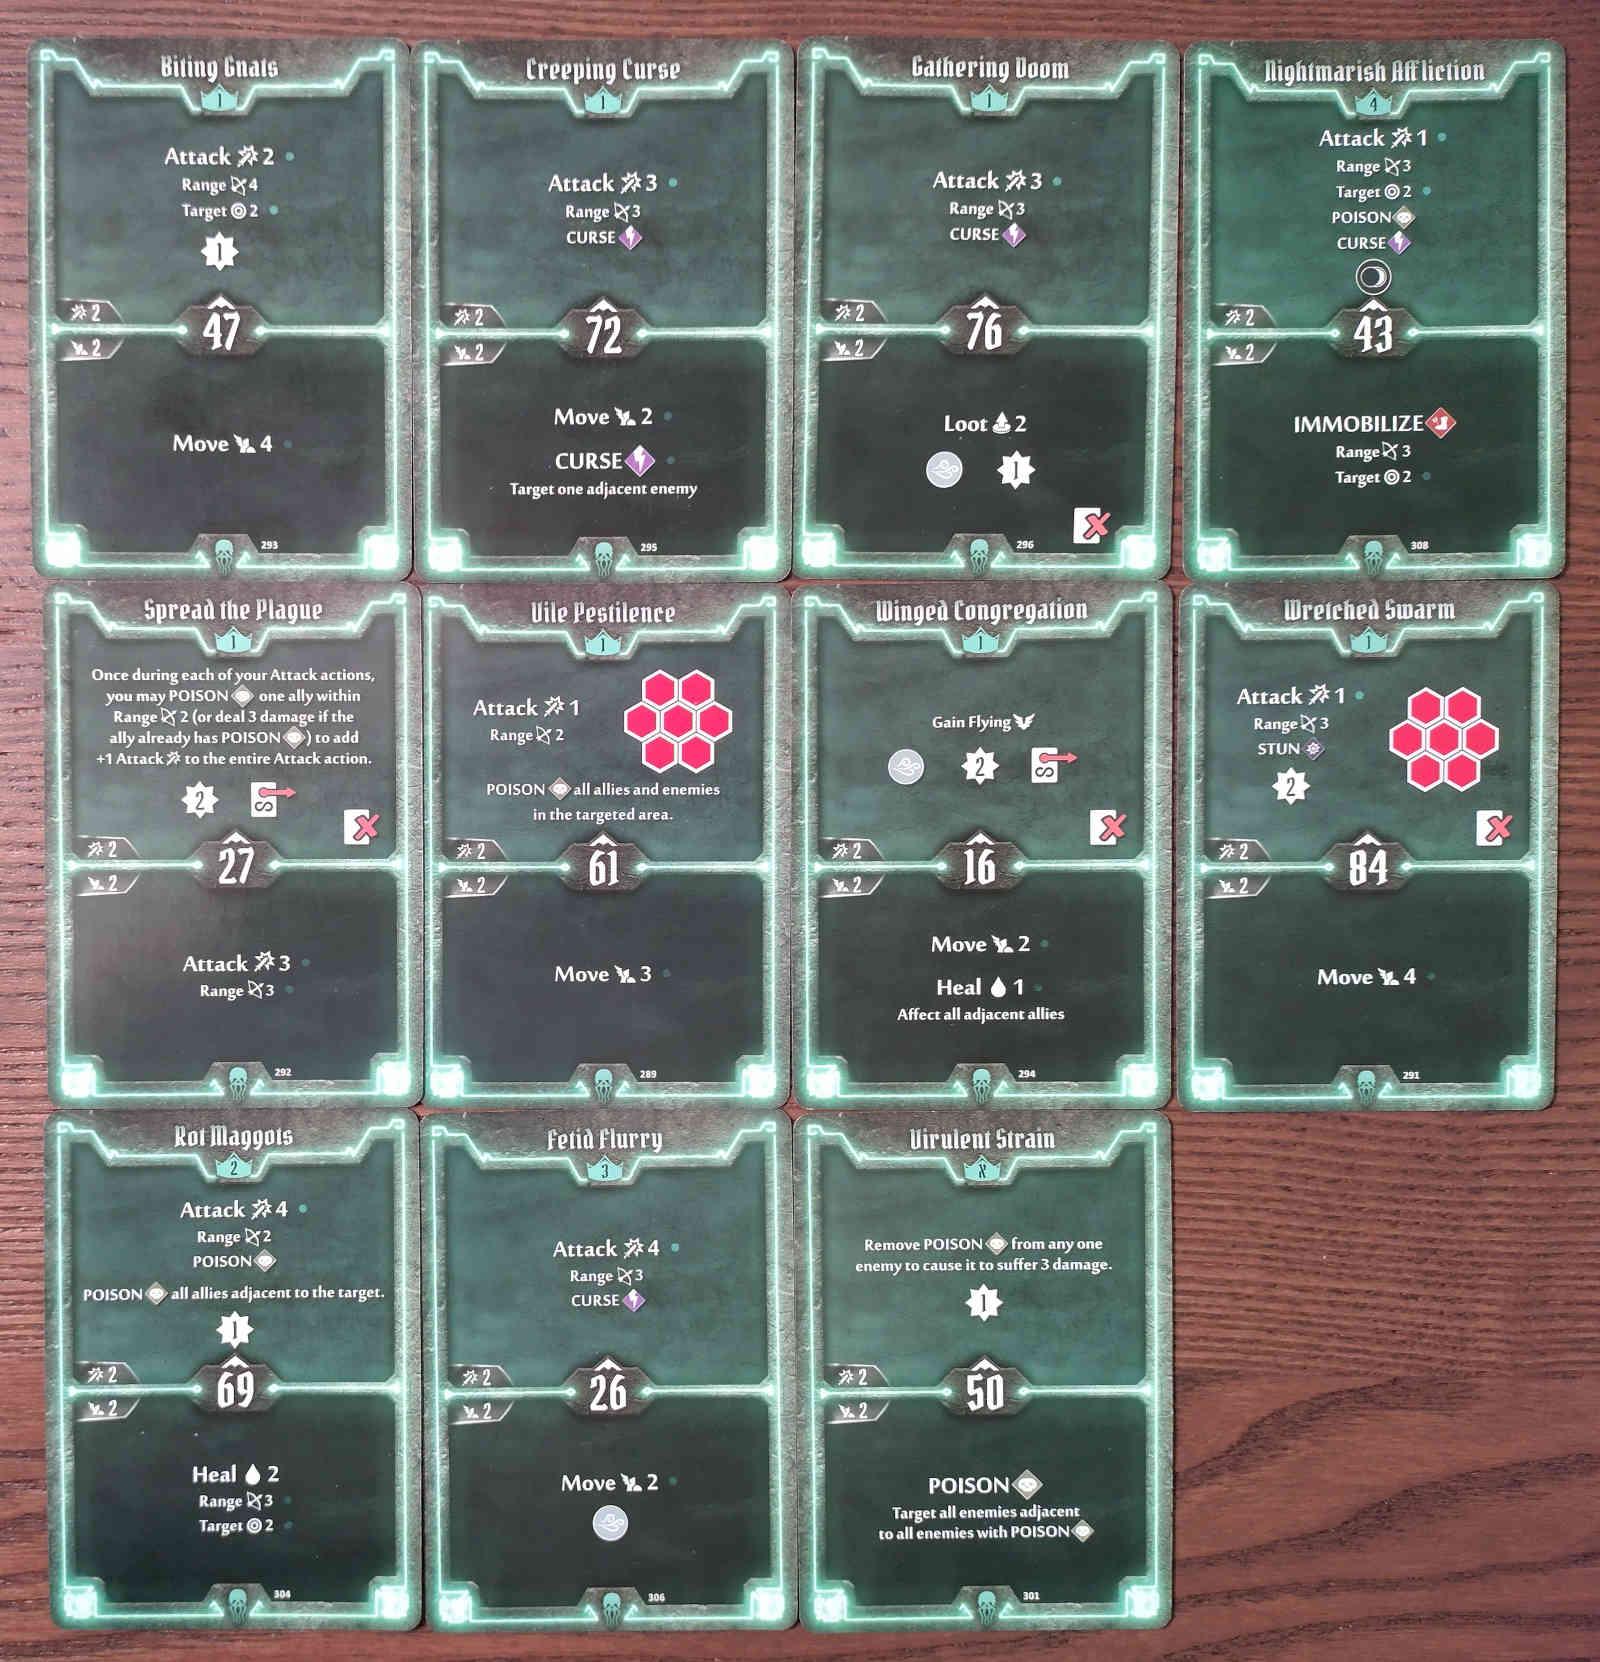 Gloomhaven Plagueherald Poison Curse Hybrid Build Level 4 cards